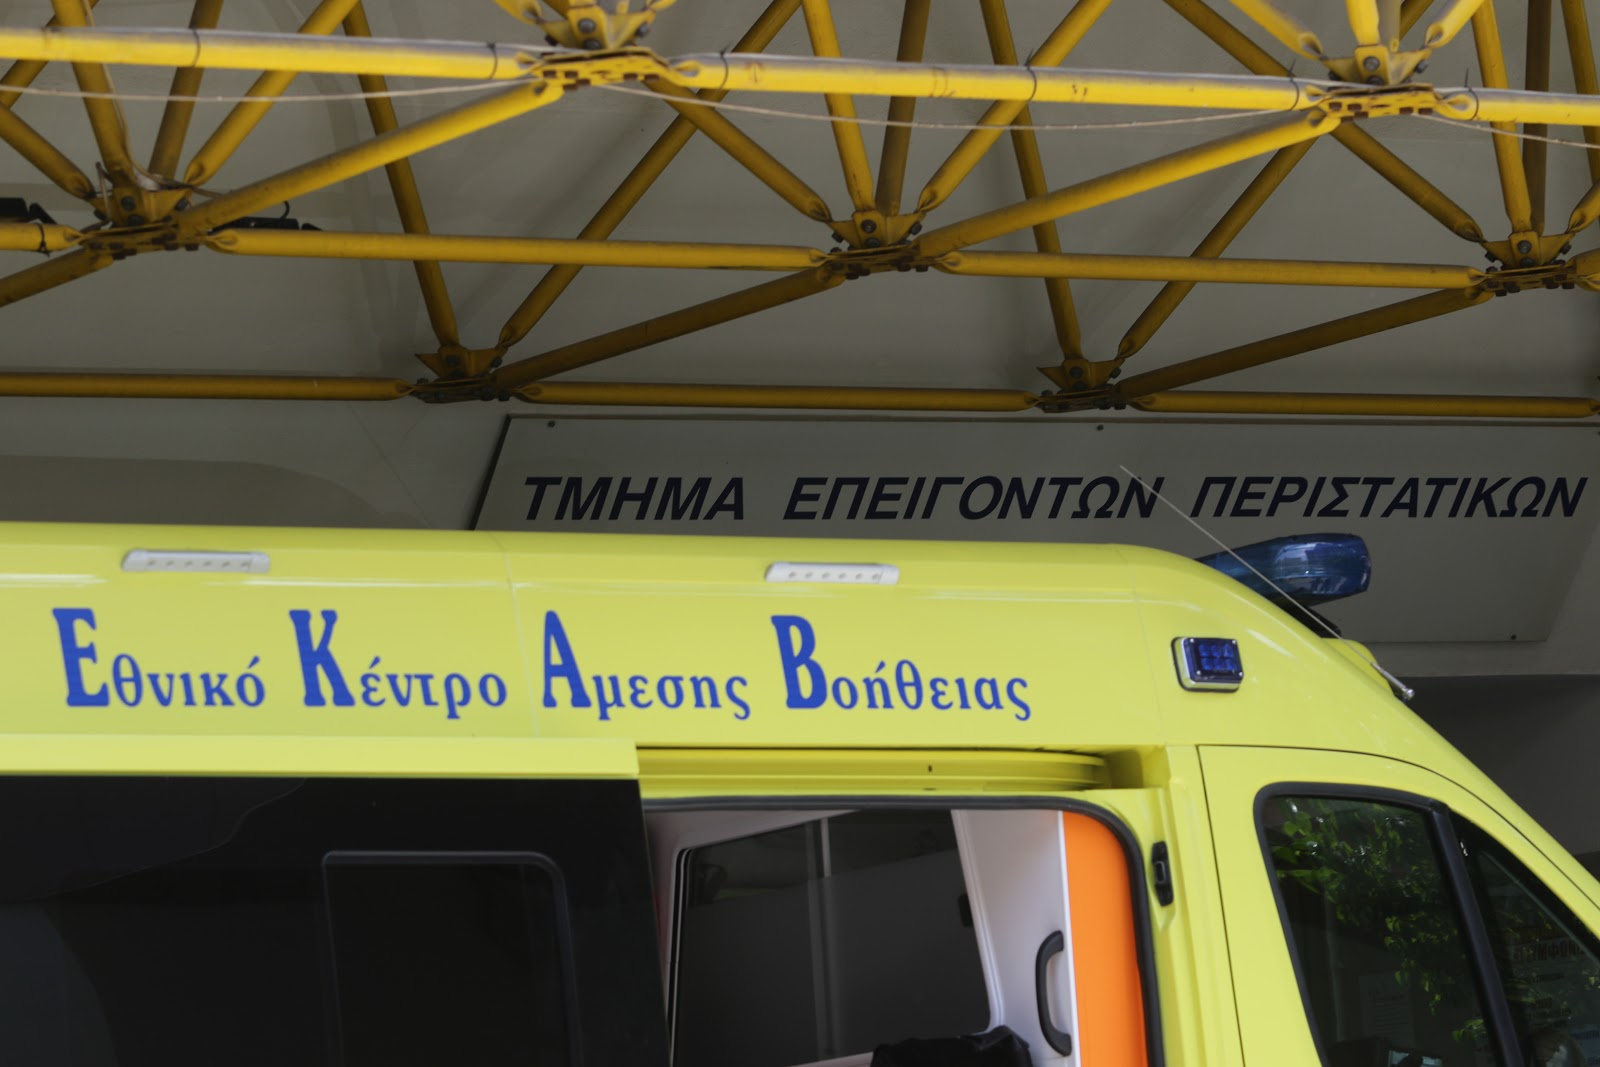 Τροχαίο με ανατροπή και εγκλωβισμό 10 ατόμων στην Αλεξανδρούπολη